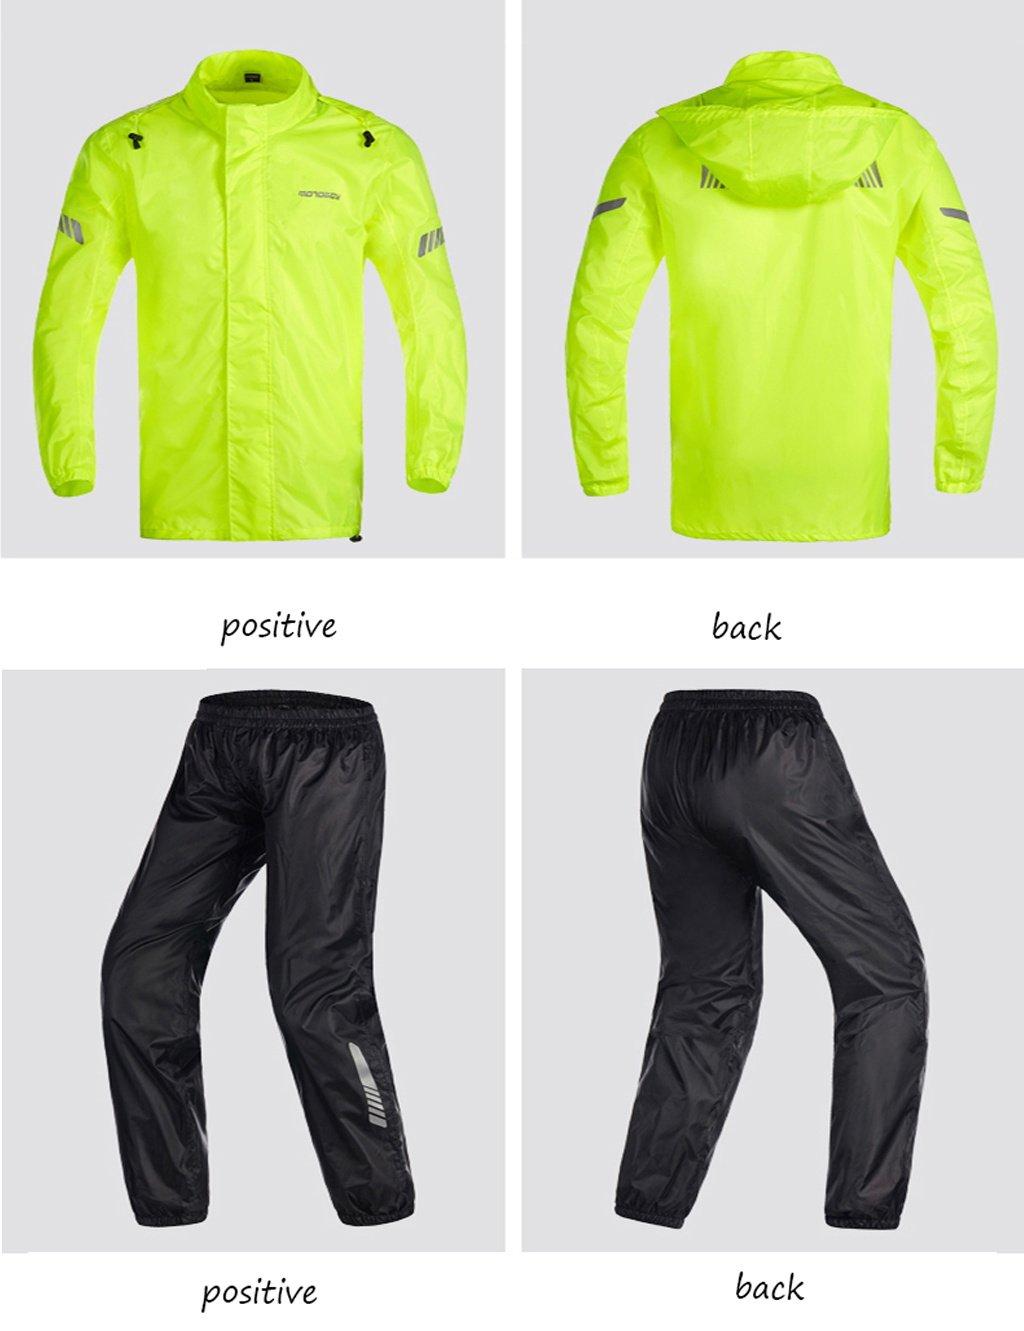 Impermeable- Traje De Lluvia Para Motocicleta Al Aire Libre Para Hombres Traje De Lluvia Reutilizable (Chaqueta Para Lluvia Y Pantalones De Lluvia) Adultos ...